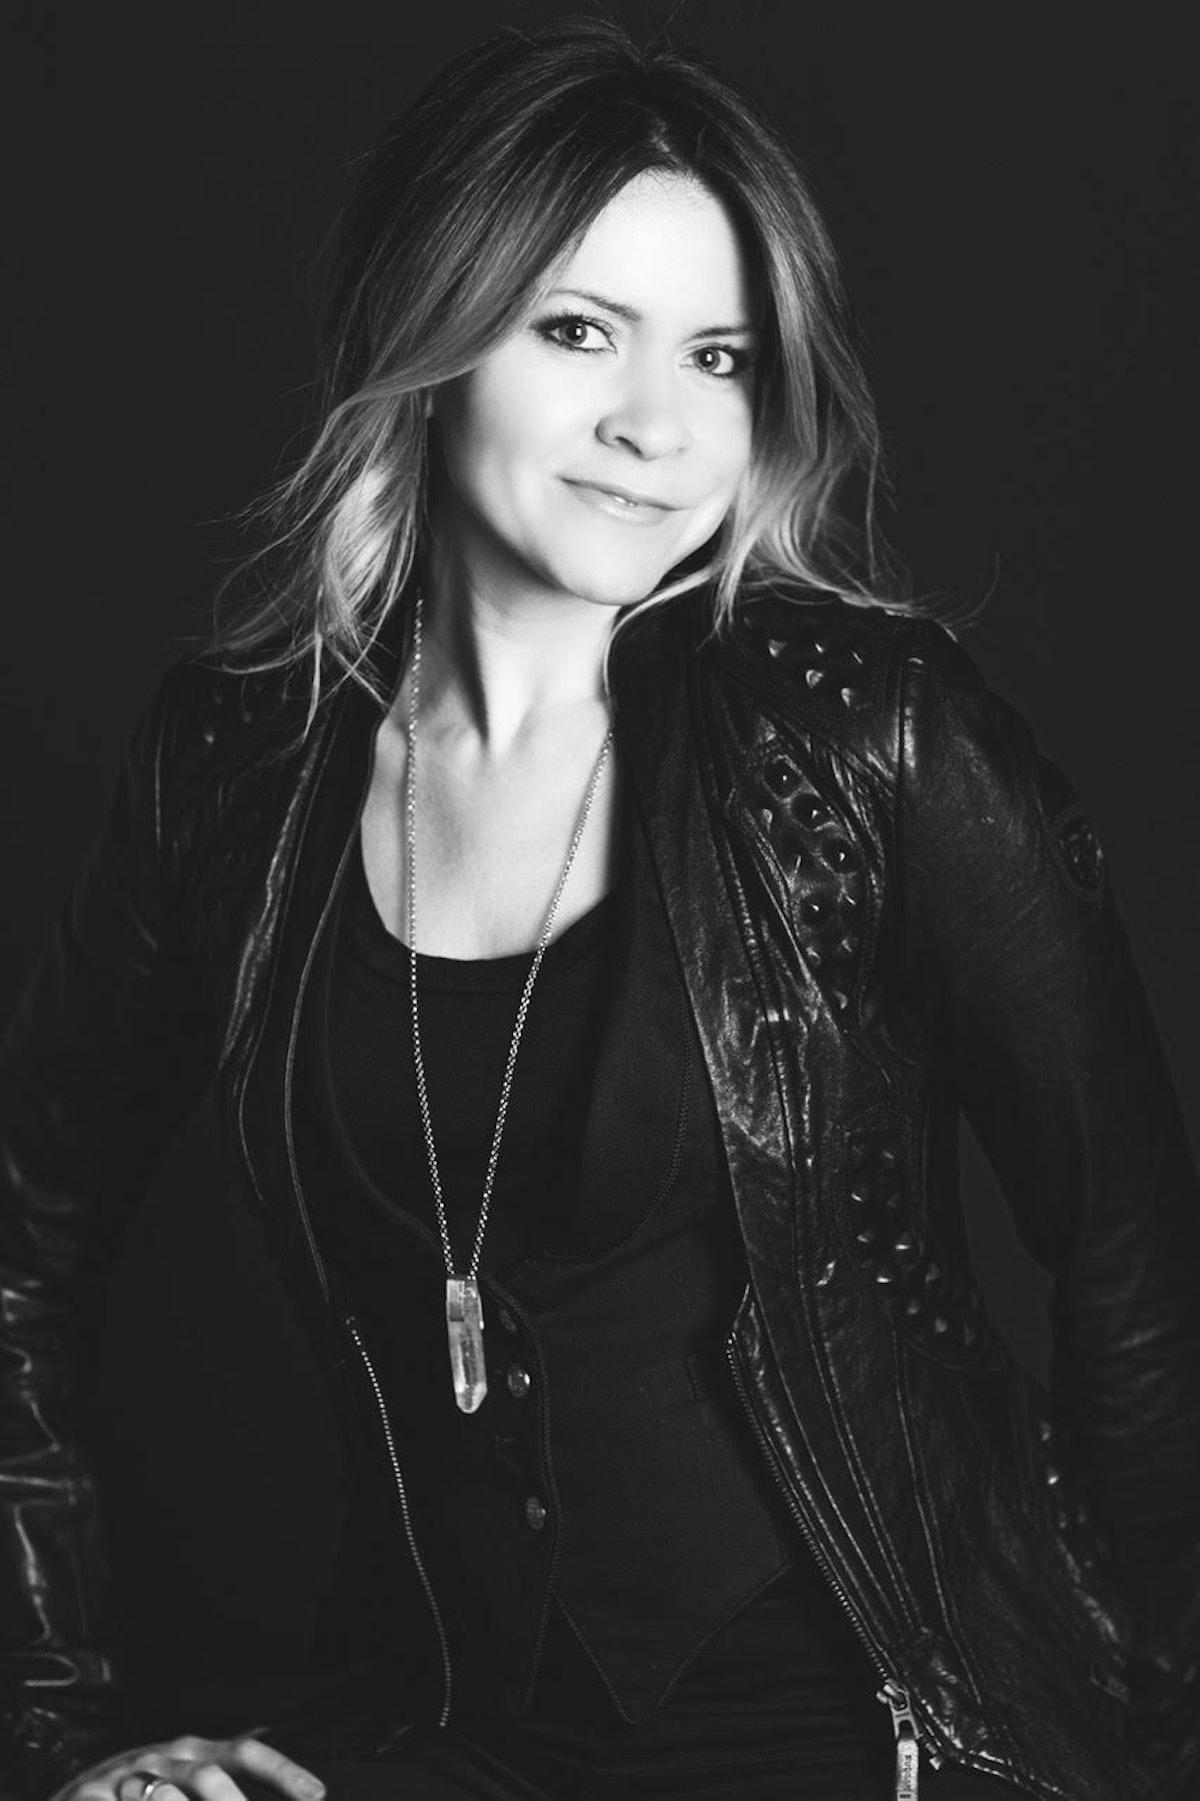 Victoria Malloy